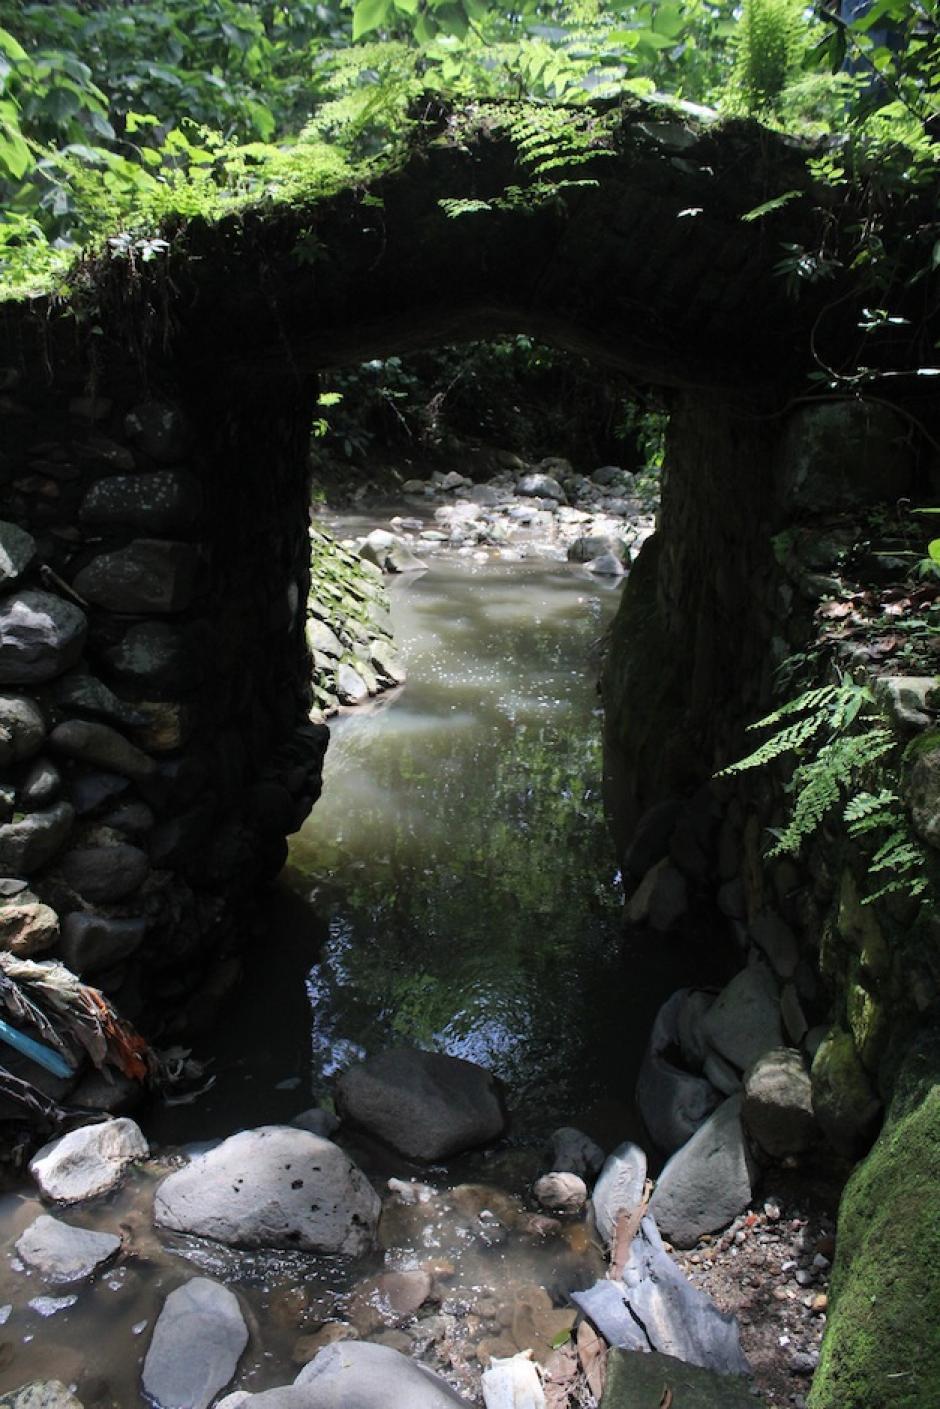 El barranco cuenta con un pequeño puente de antaño. (Foto: Andrea Castillo/Soy502)